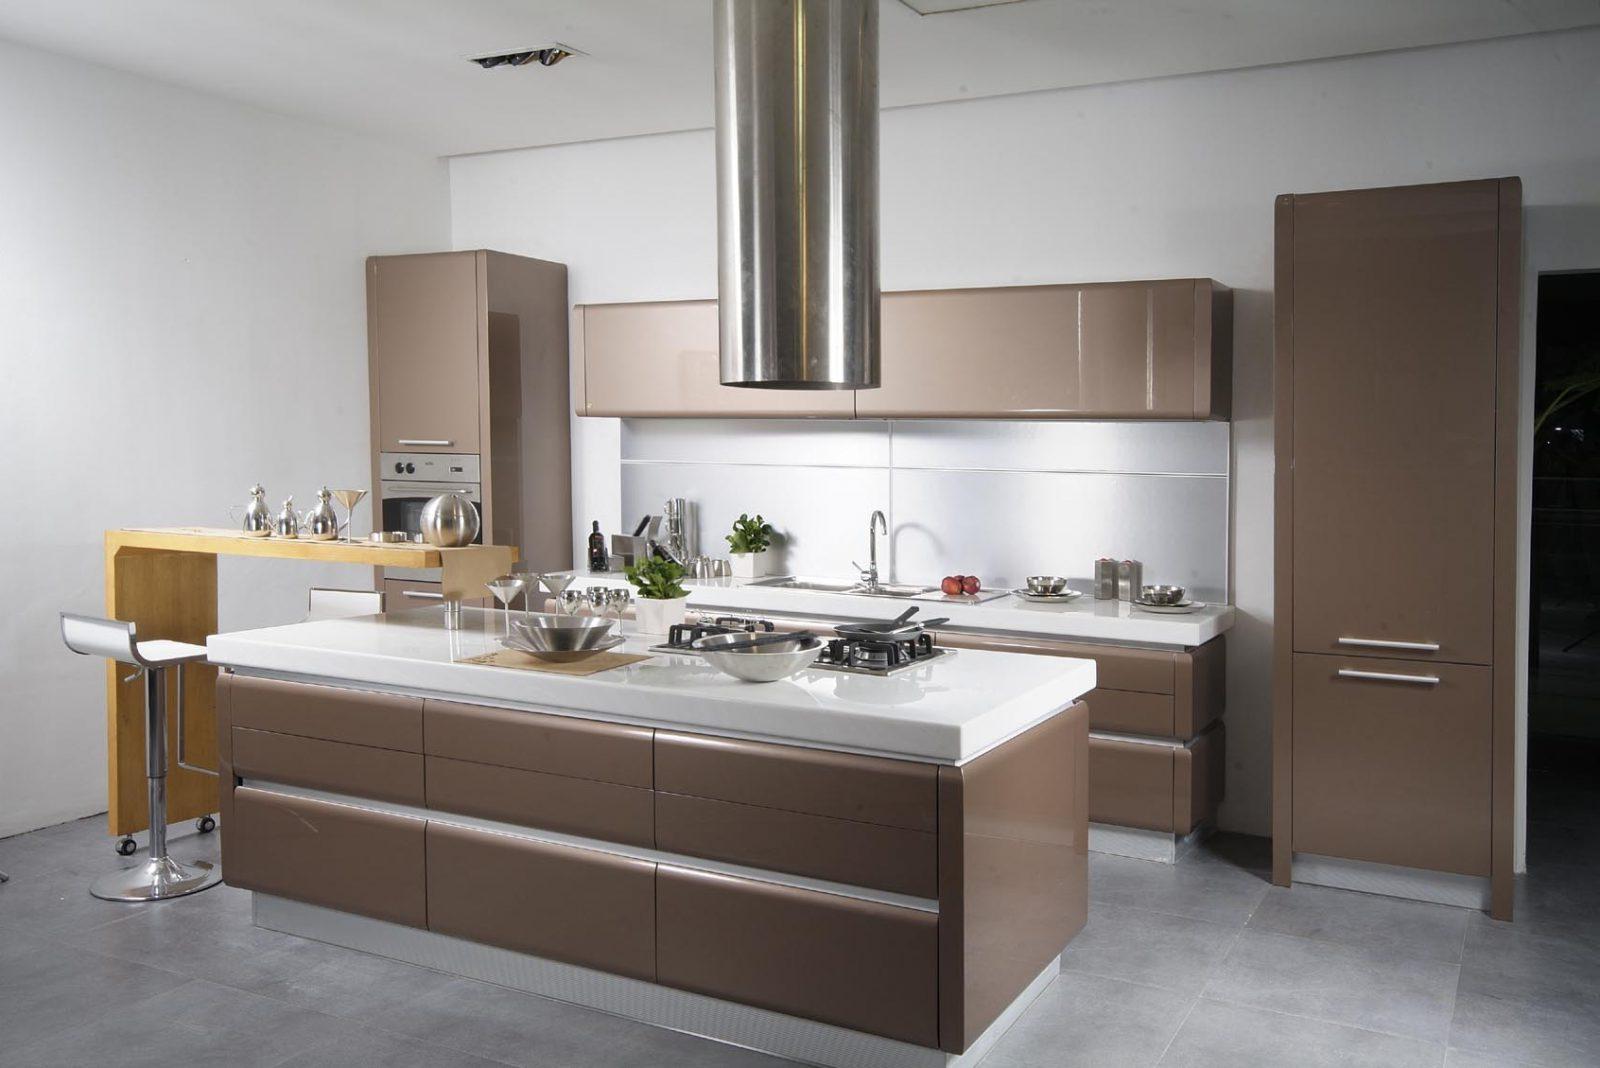 Muebles Cocina X8d1 Muebles De Cocina De Melamina Imà Genes Y Fotos